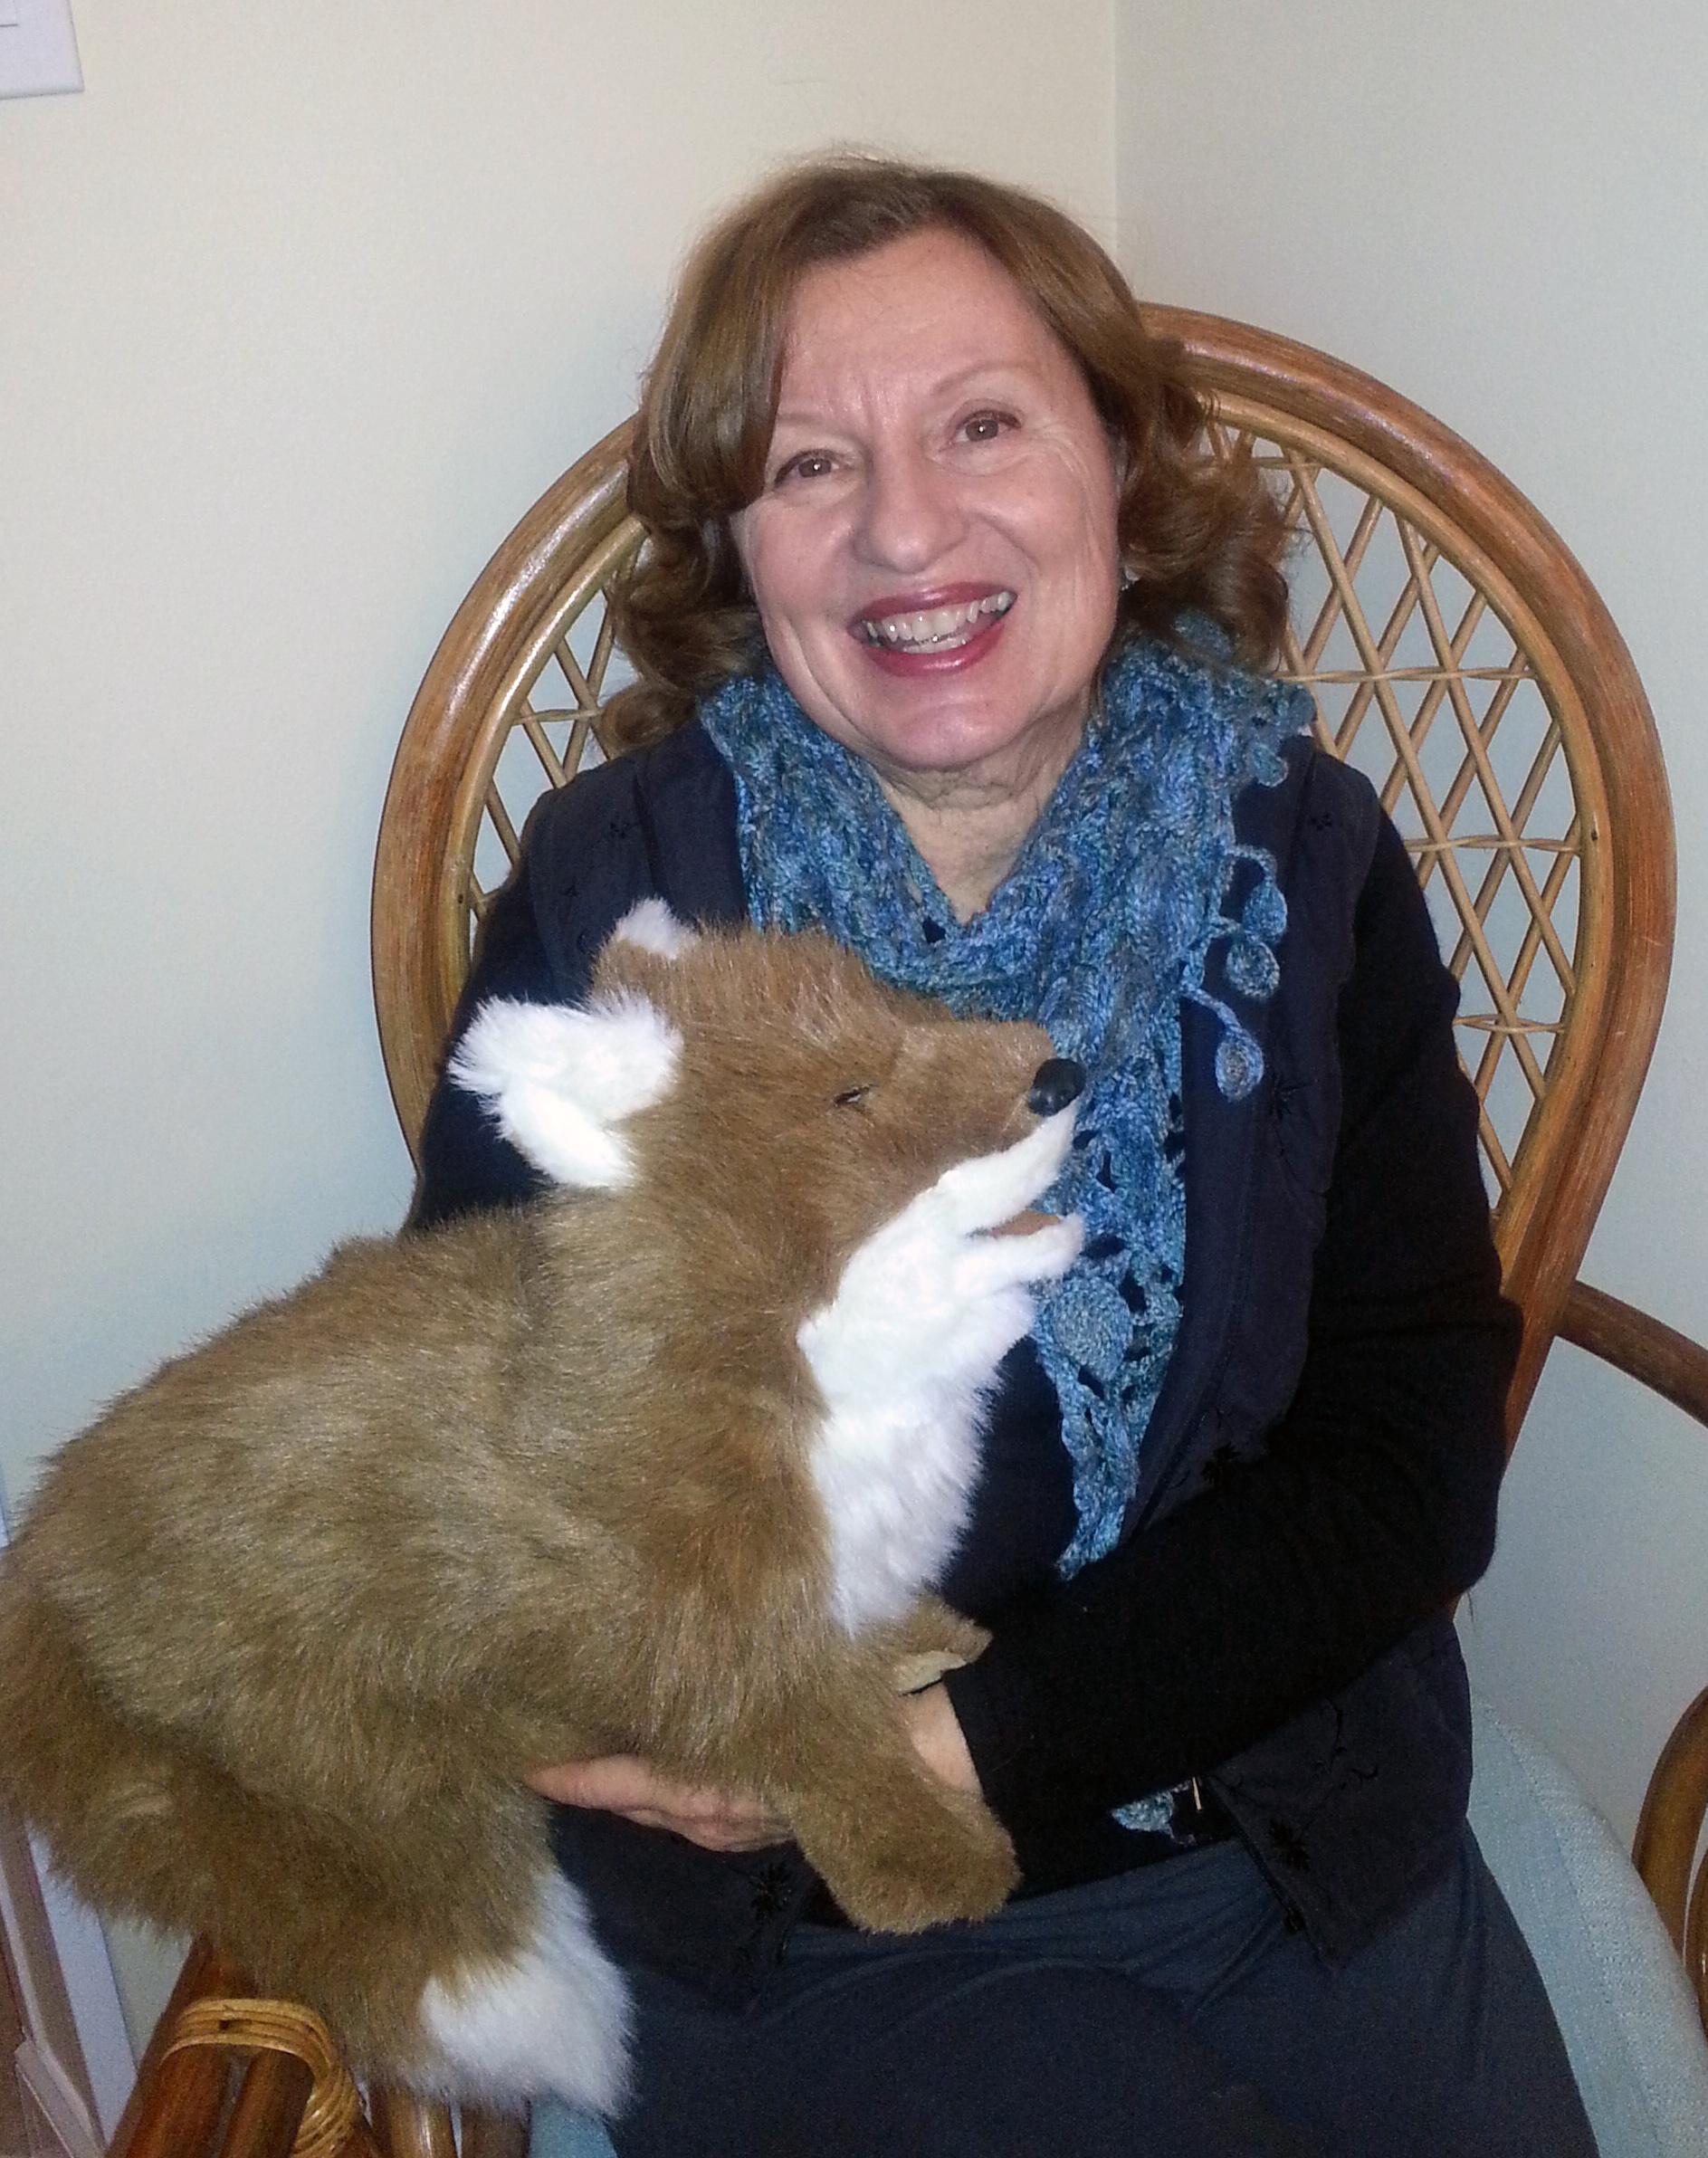 Storyteller Rosemary Wright